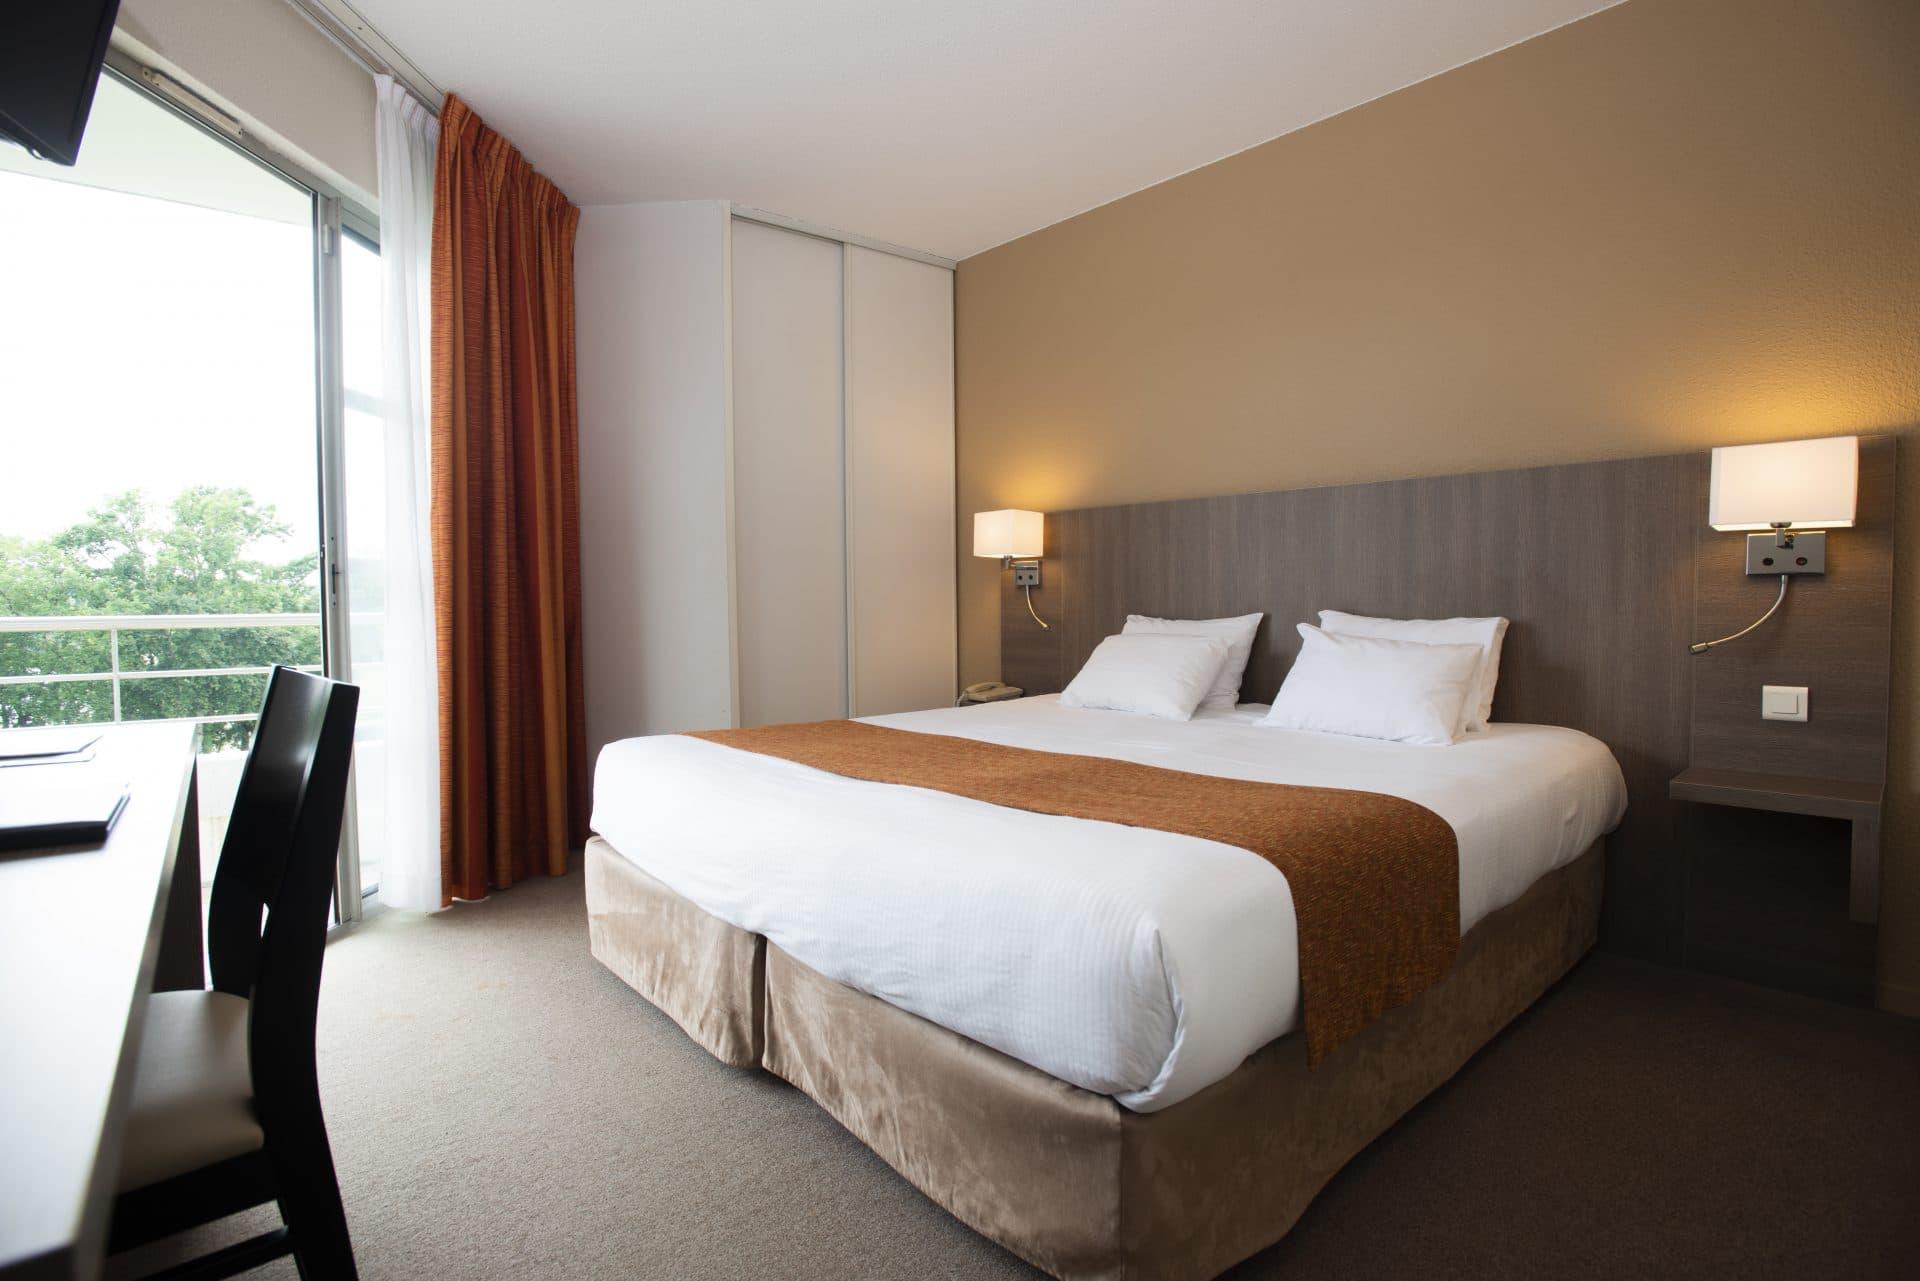 Chambre du Best Western Hôtel Sourcéo - Saint Paul Lès Dax